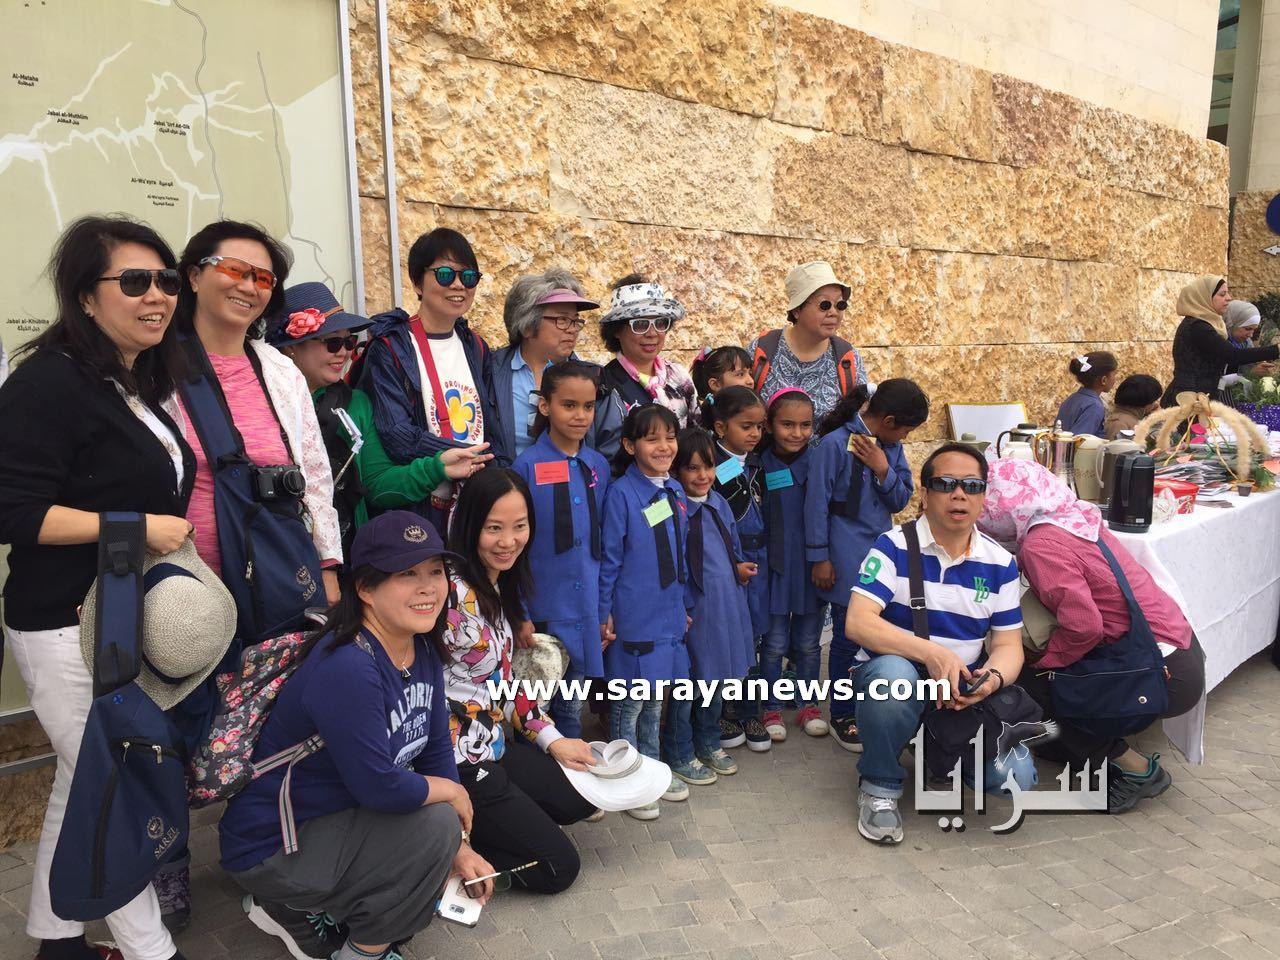 مبادرة لمدرسة نائية للترويج للمنتج السياحي الأثري في مركز زوار البترا... صور